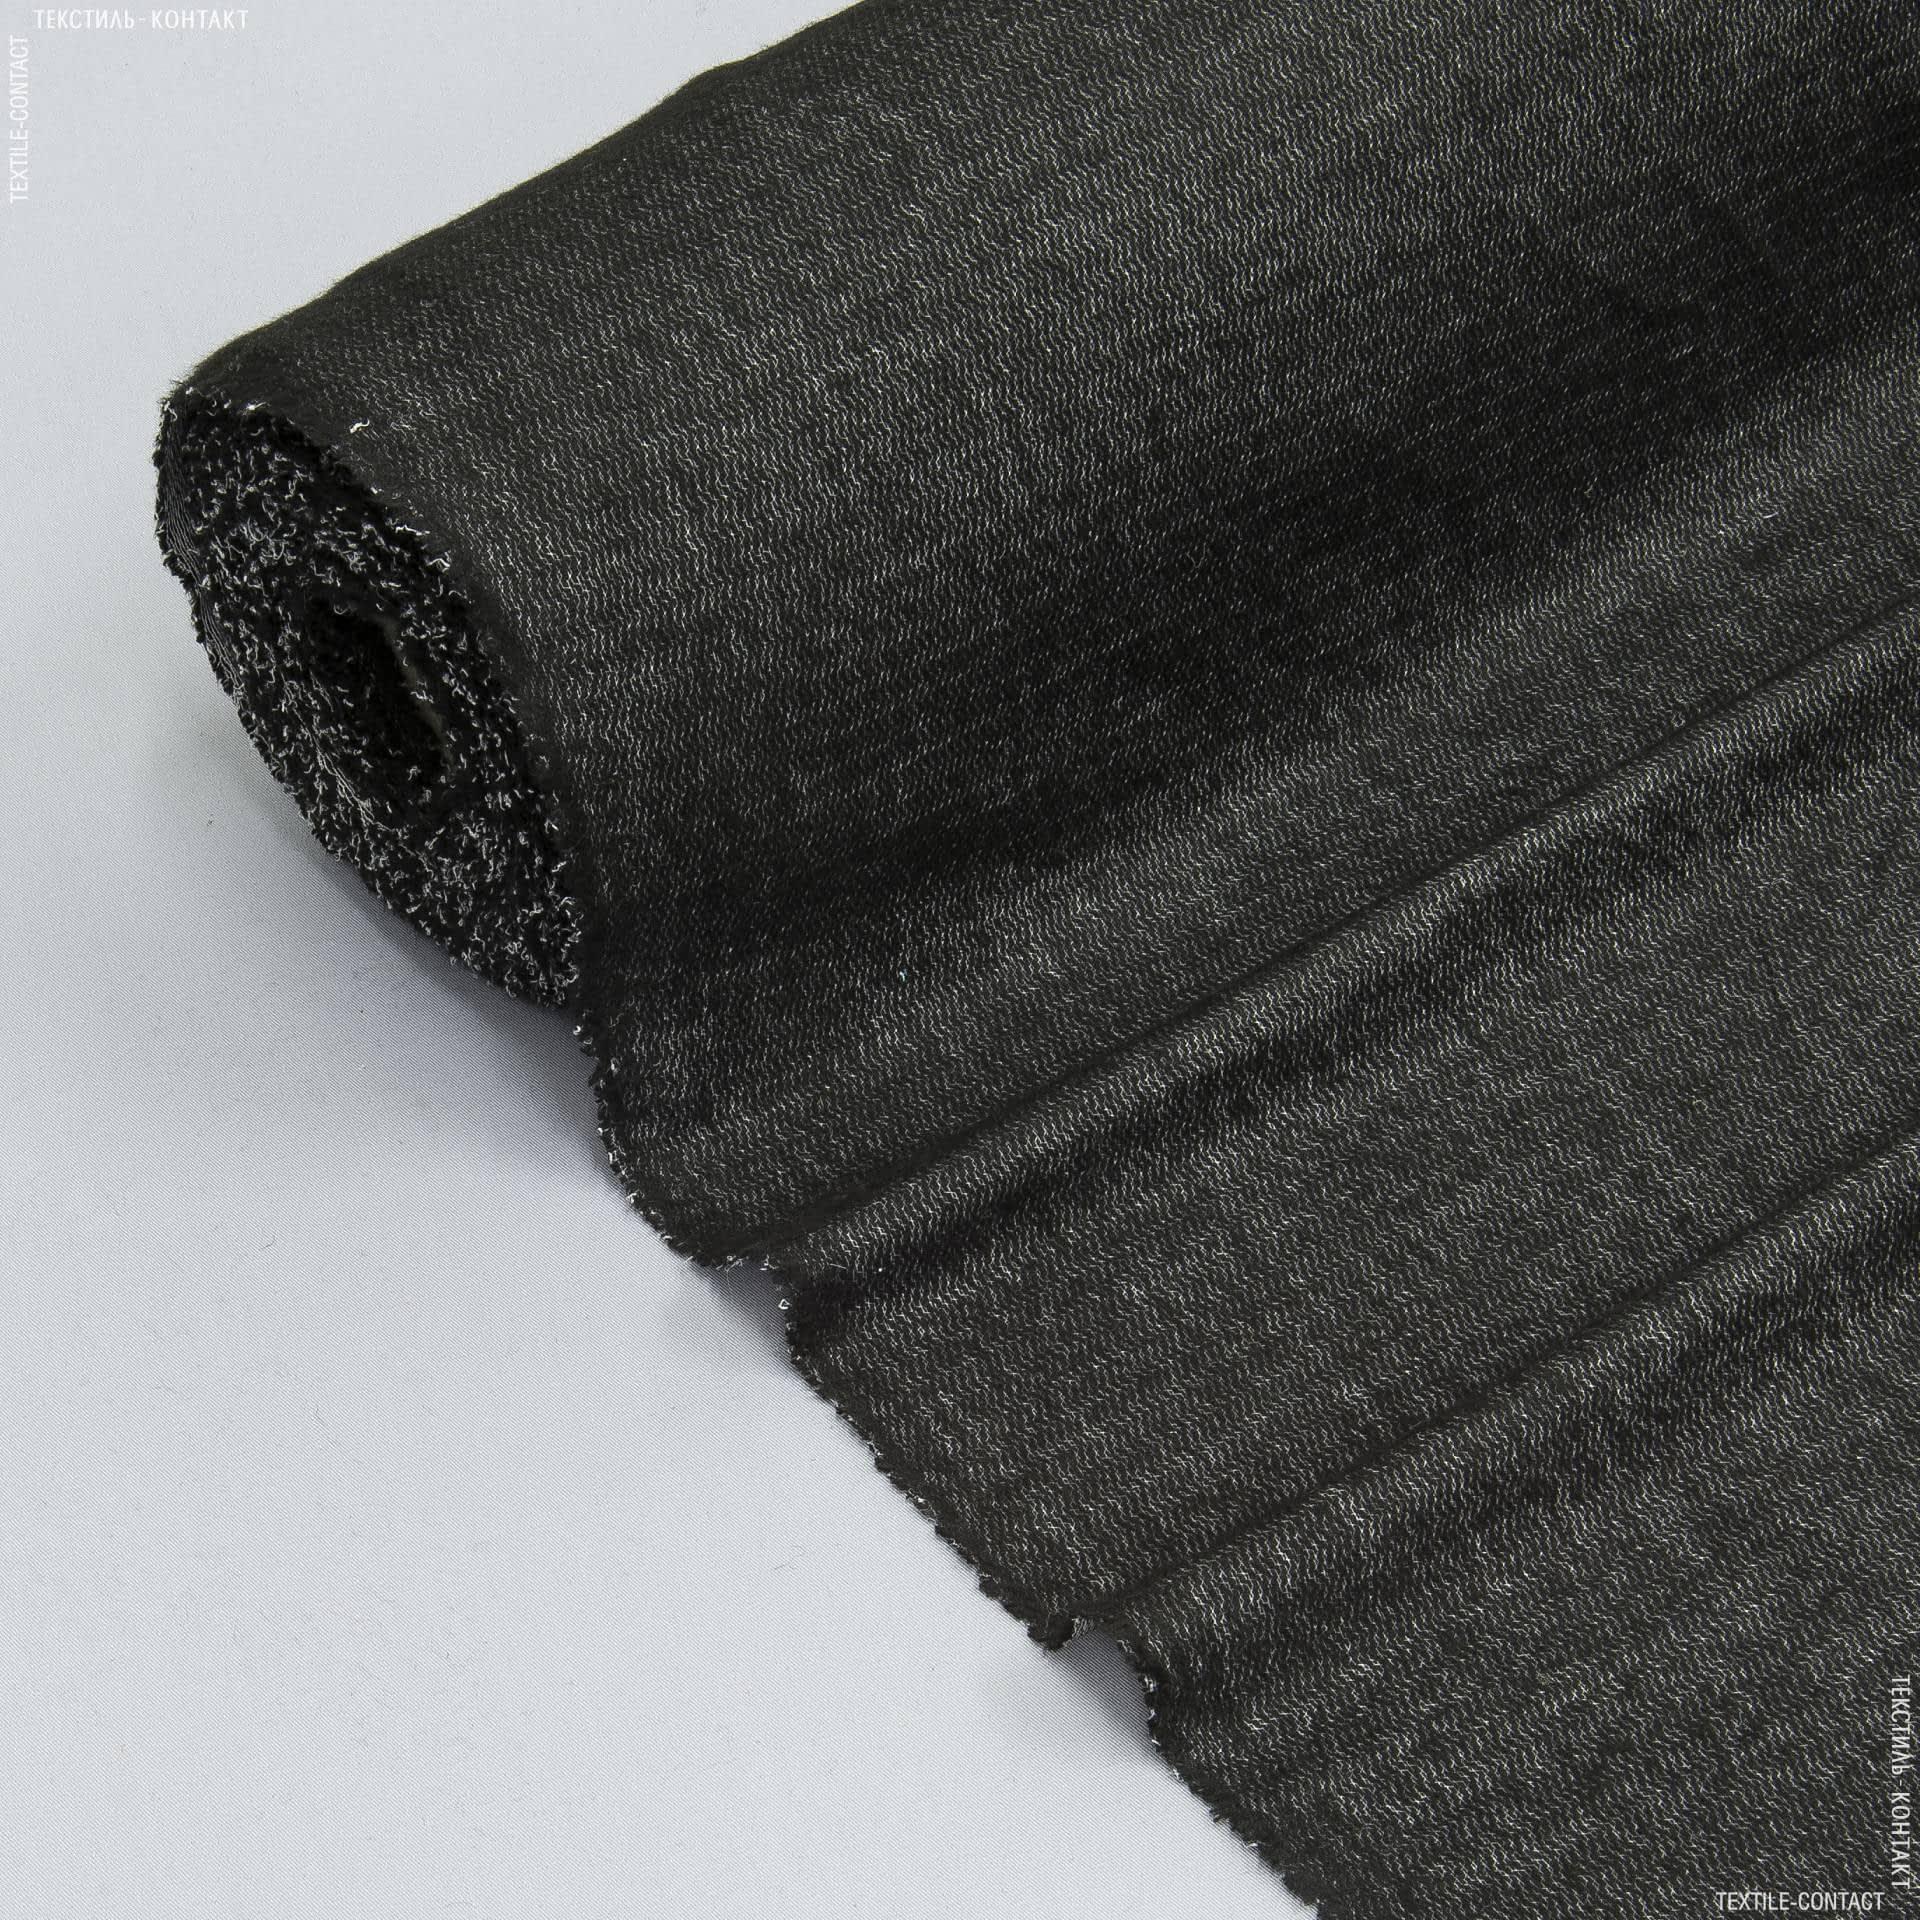 Тканини дублірин, флізелін - Дублірин трикотажний чорний 60г/м